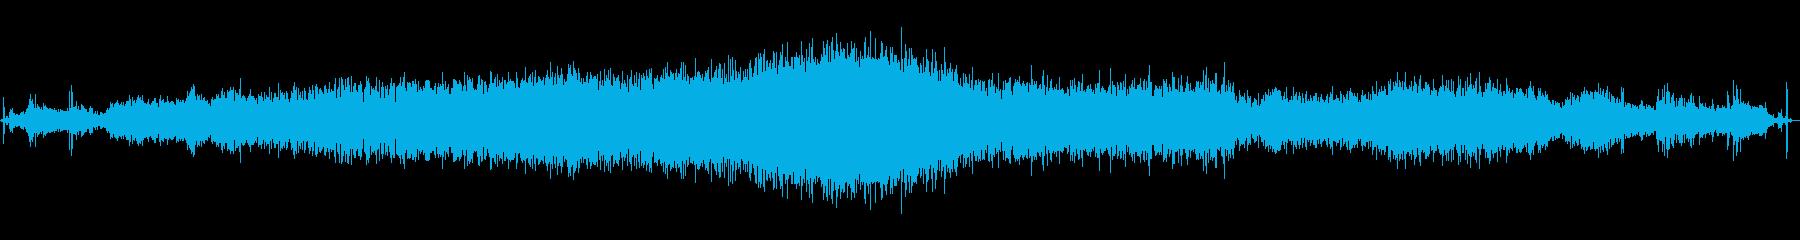 レンジローバー:インテリア:スター...の再生済みの波形